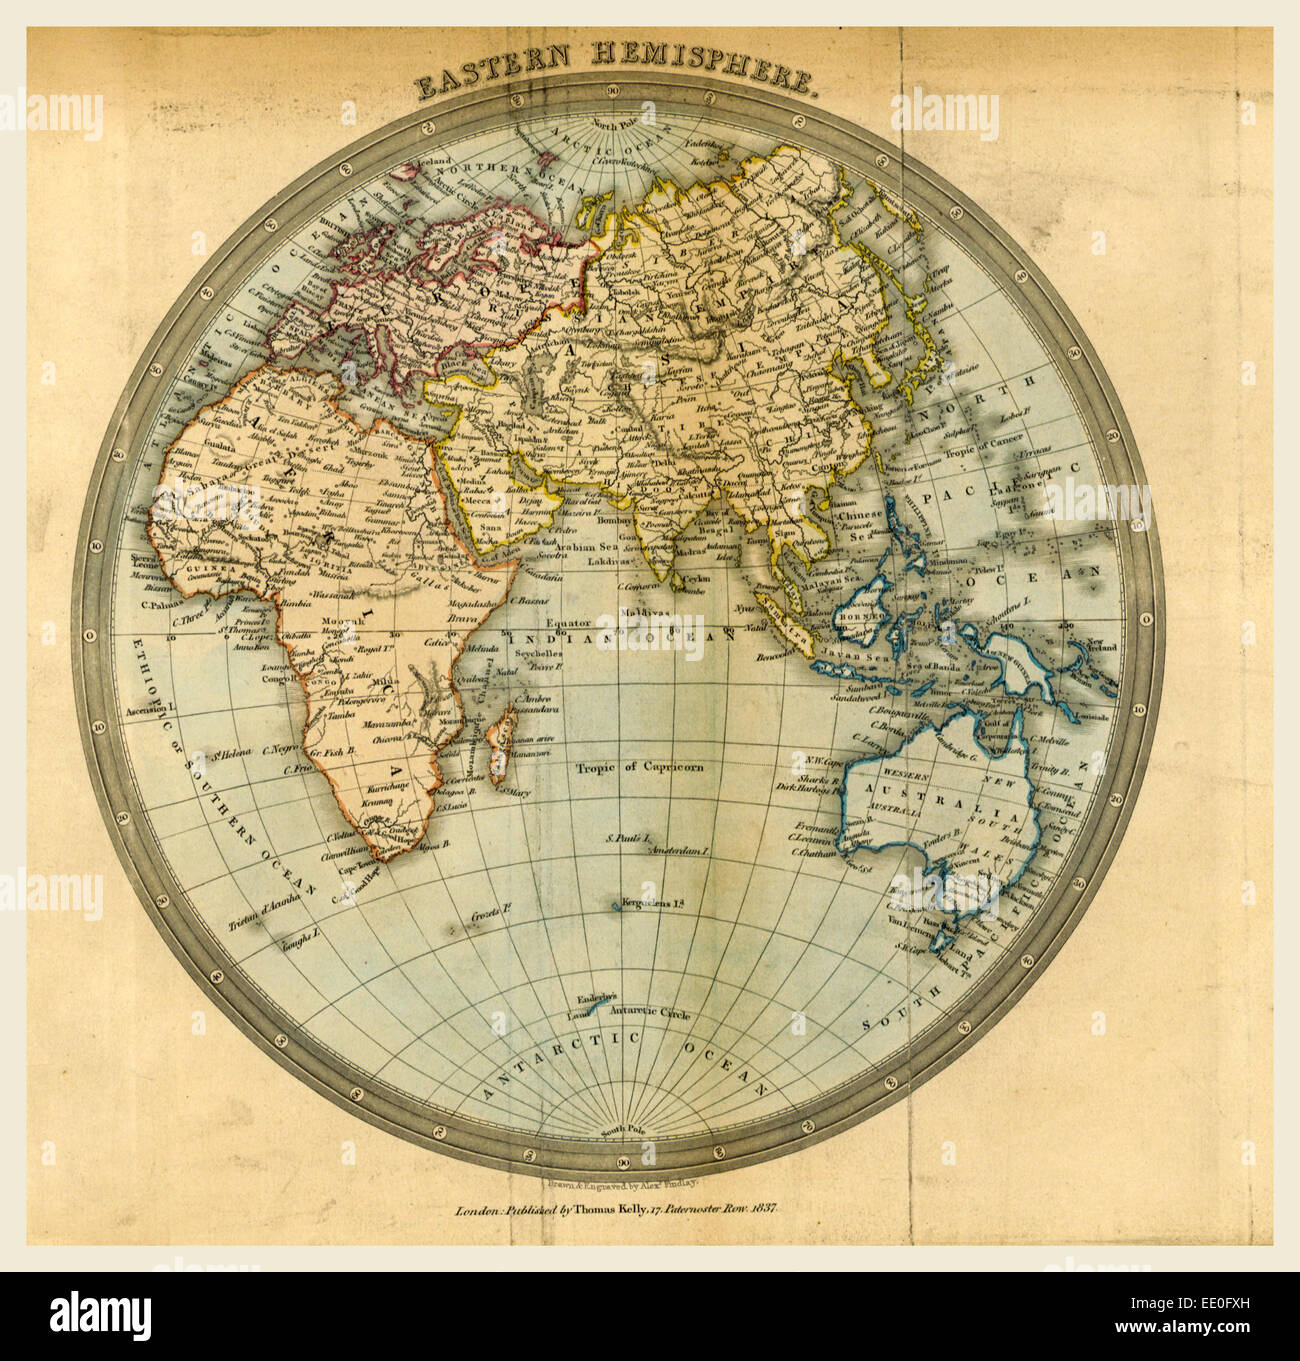 Eastern Hemisphere Map Stock Photos Amp Eastern Hemisphere